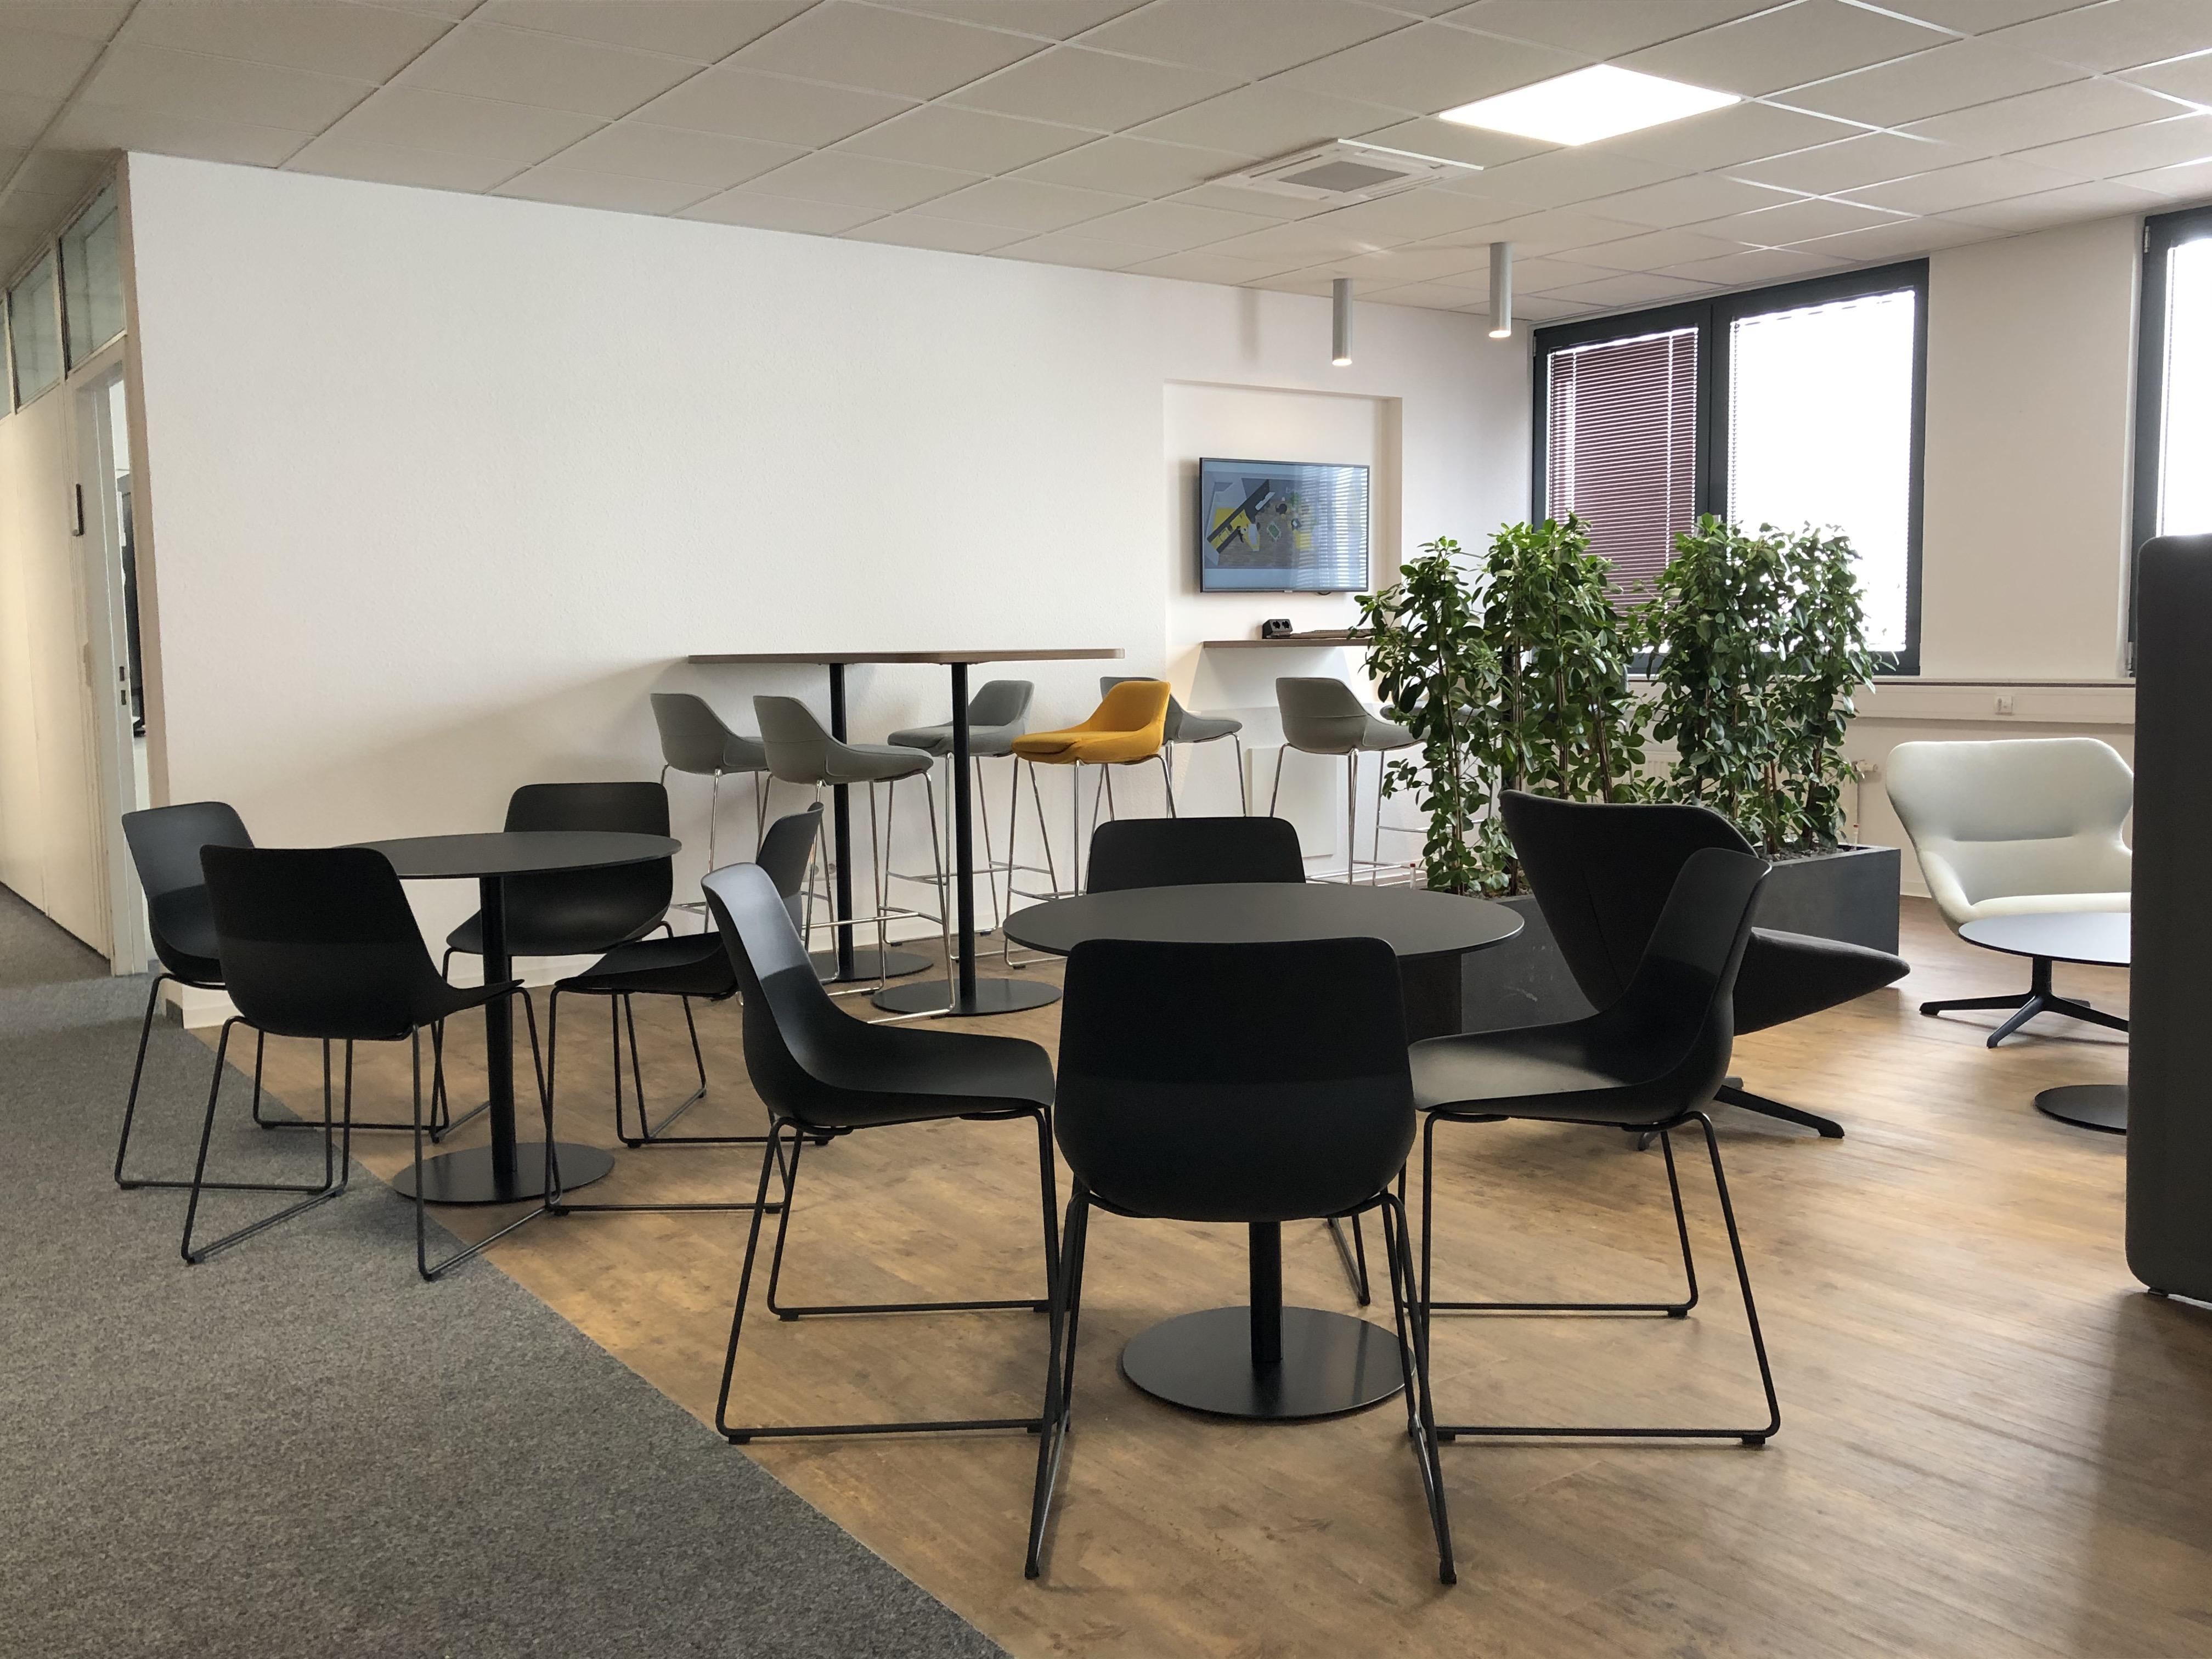 News Foto  Lounge 5 - Gepflegt chillen und arbeiten: Innovabee weiht neue Lounge ein